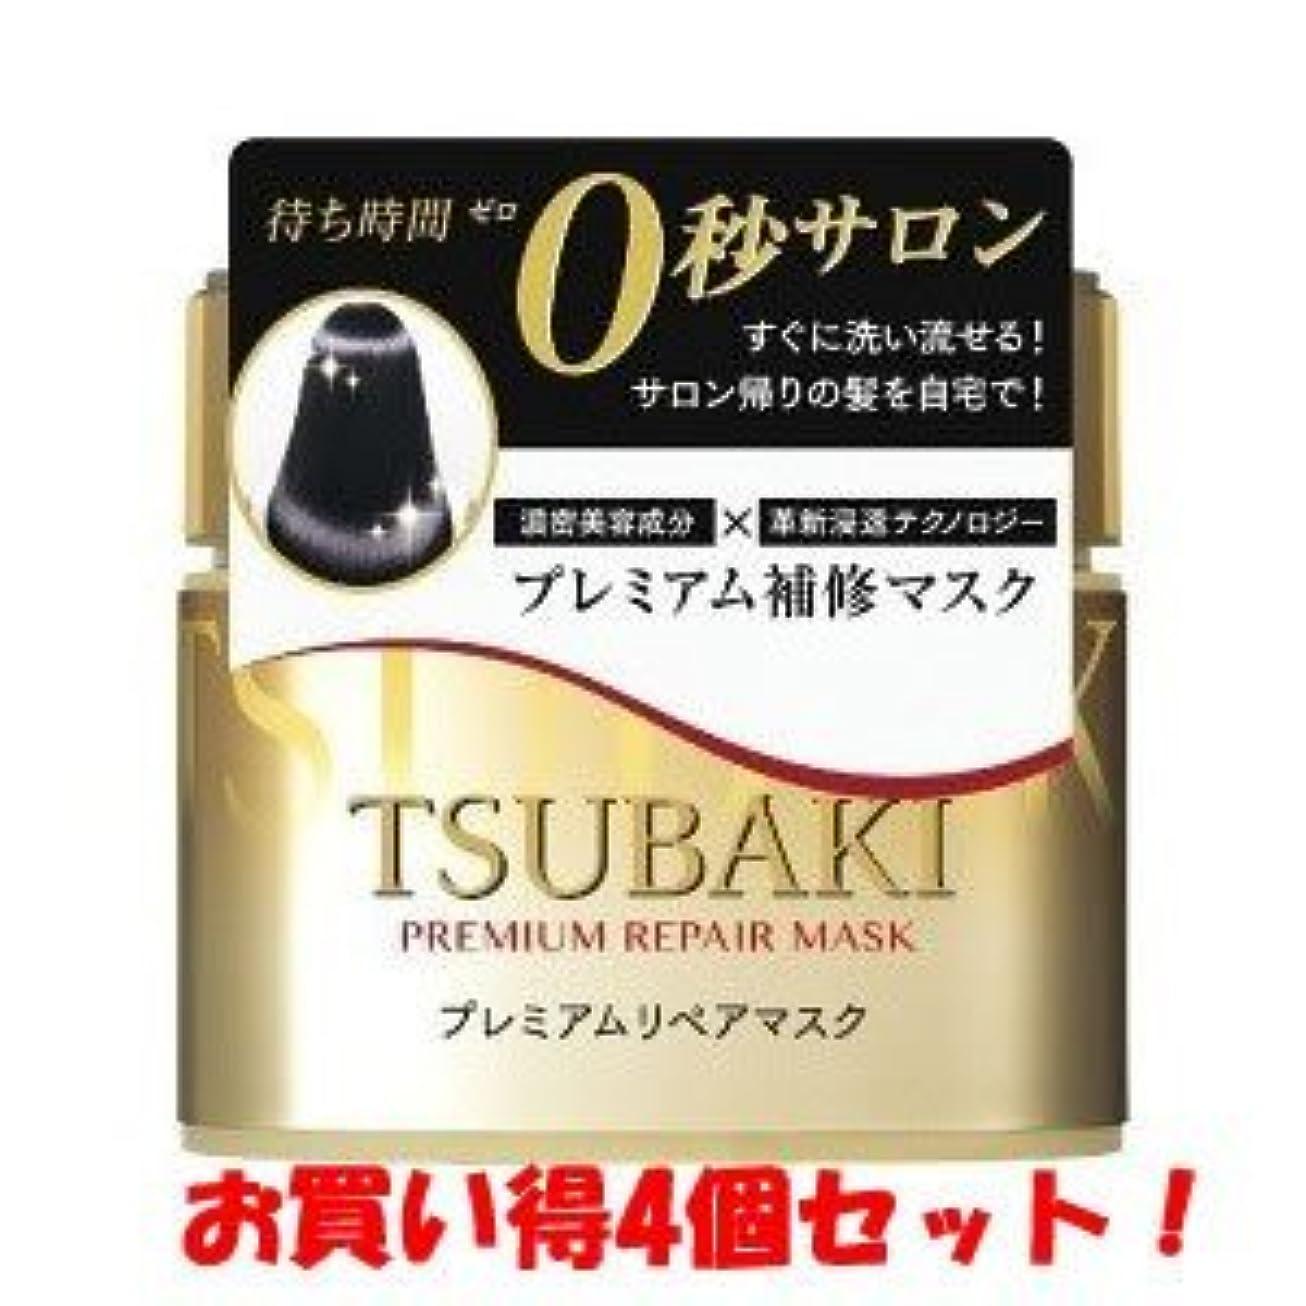 流朝ごはん証明(2017年の新商品)(資生堂)ツバキ(TSUBAKI) プレミアムリペアマスク 180g(お買い得4個セット)